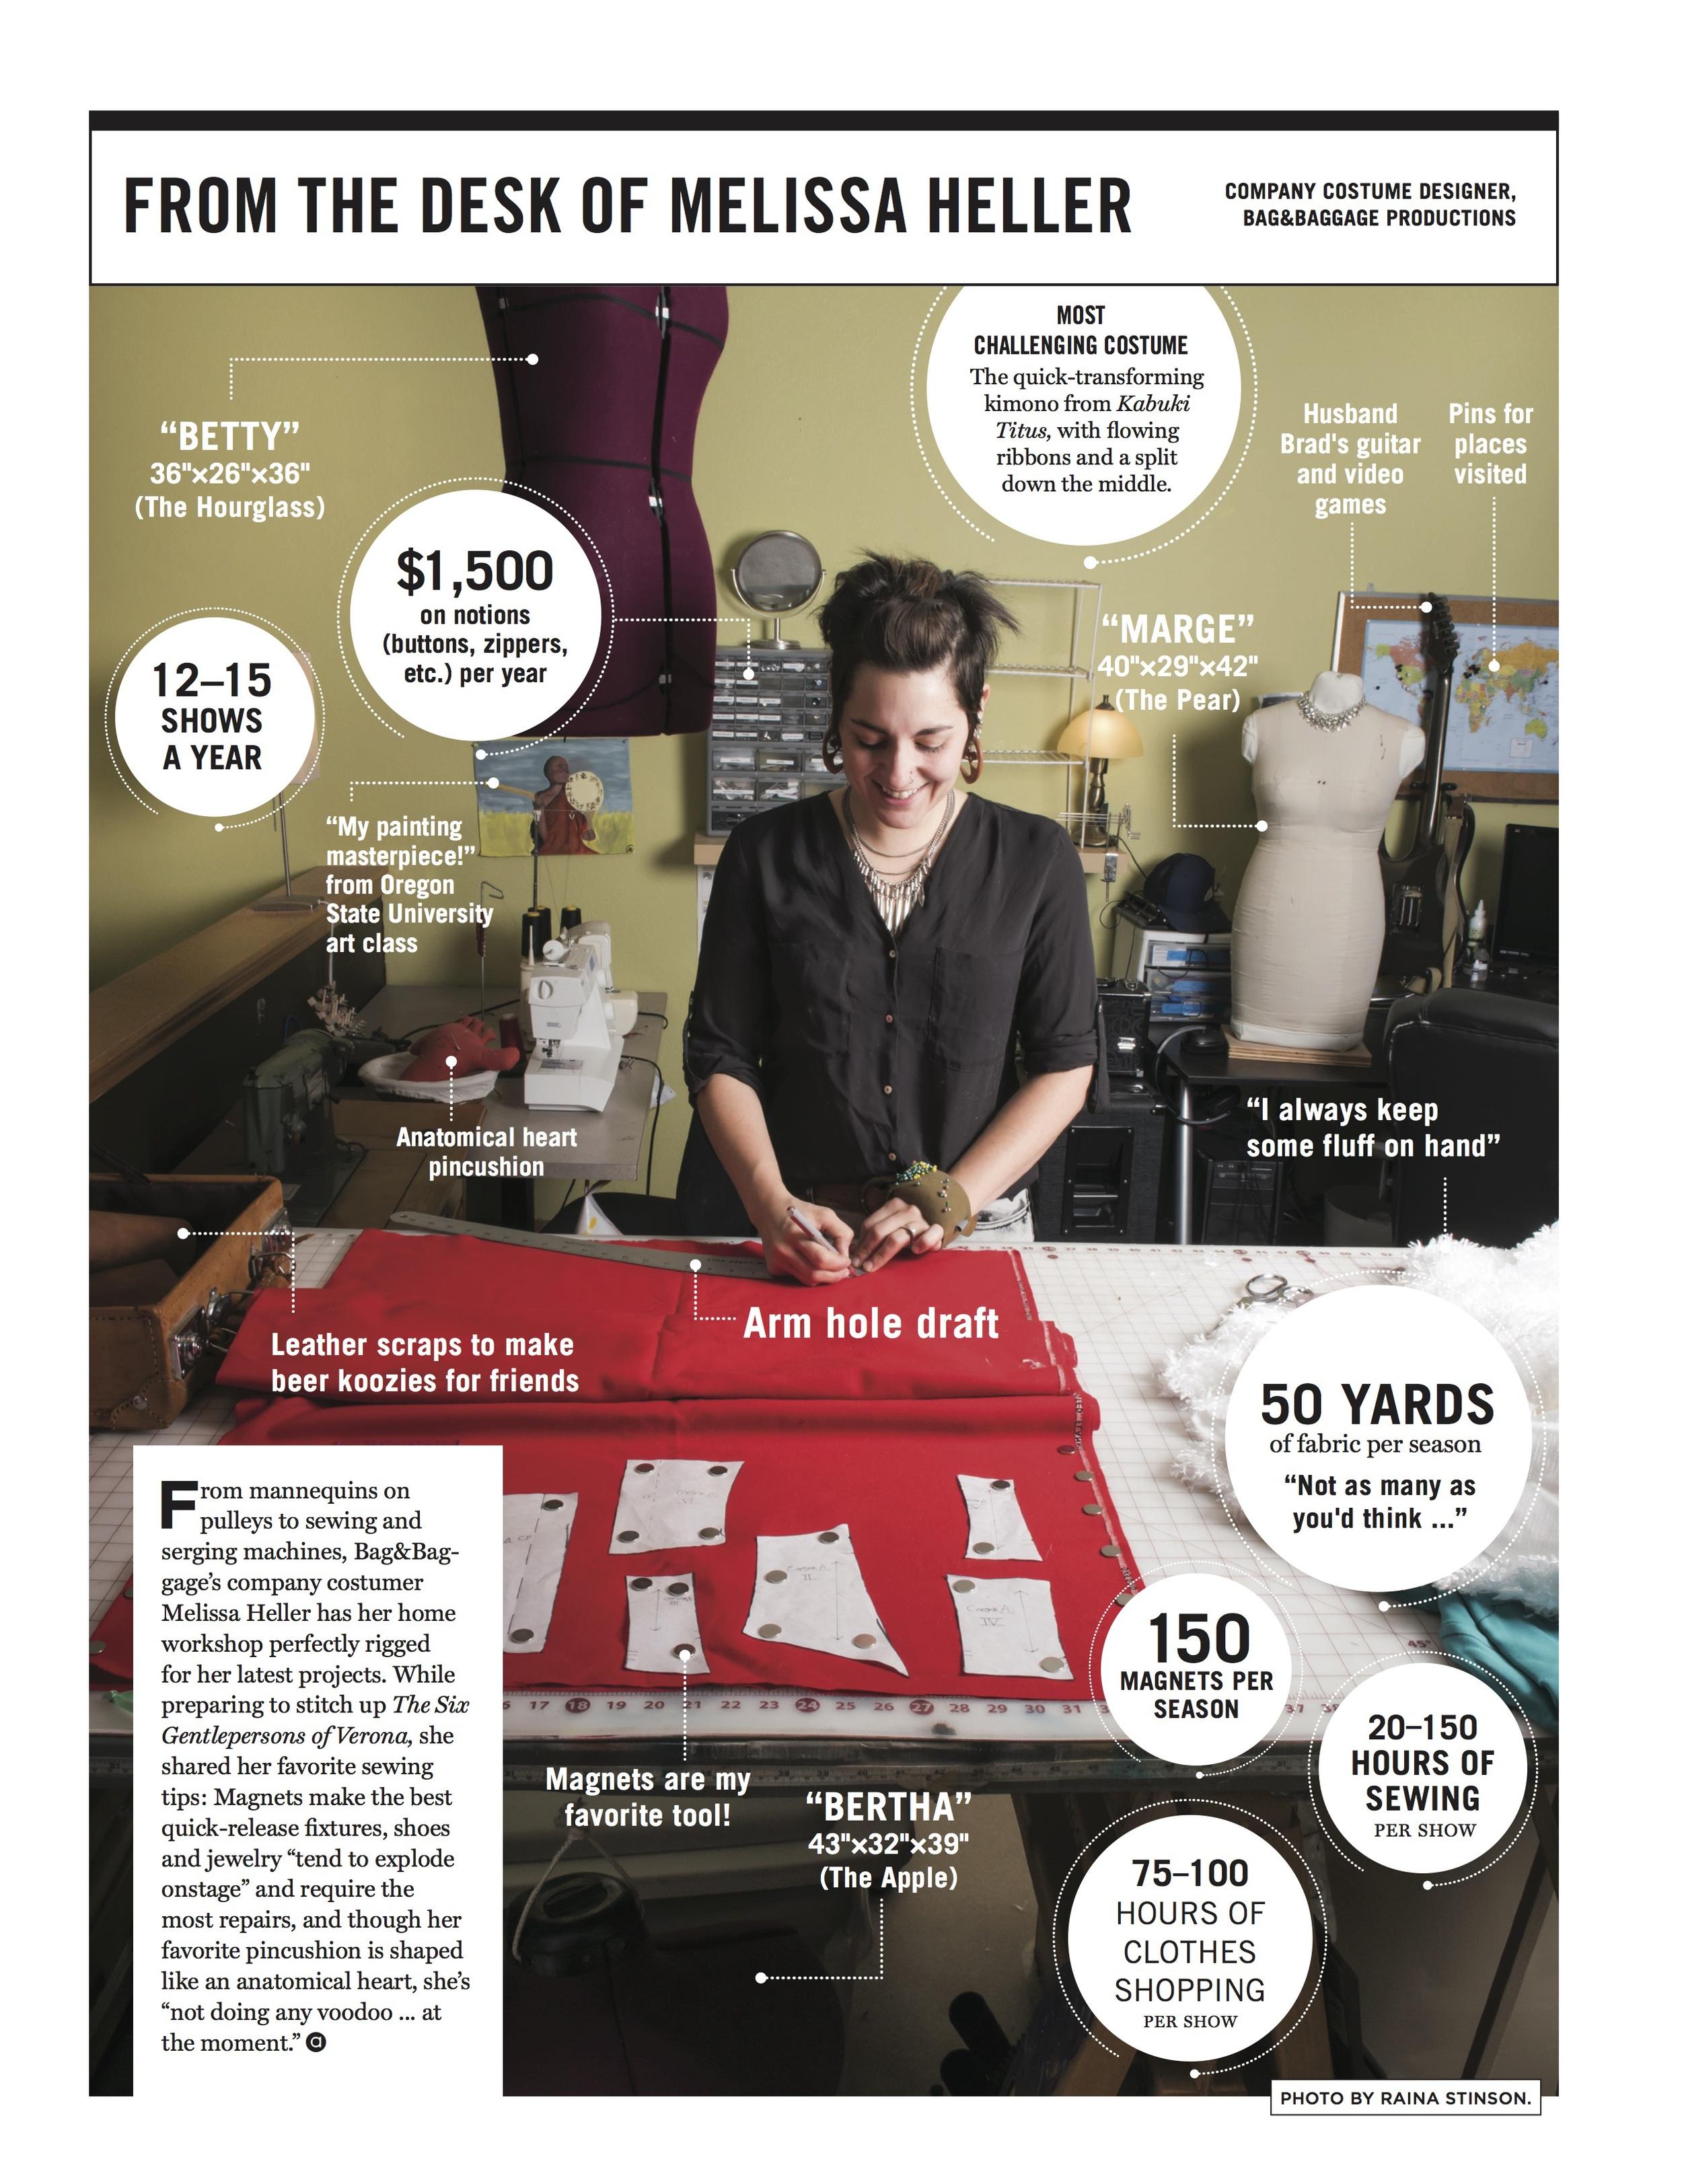 Melissa Heller, Costume Designer, Bag and Baggage, Artslandia March/April 2015